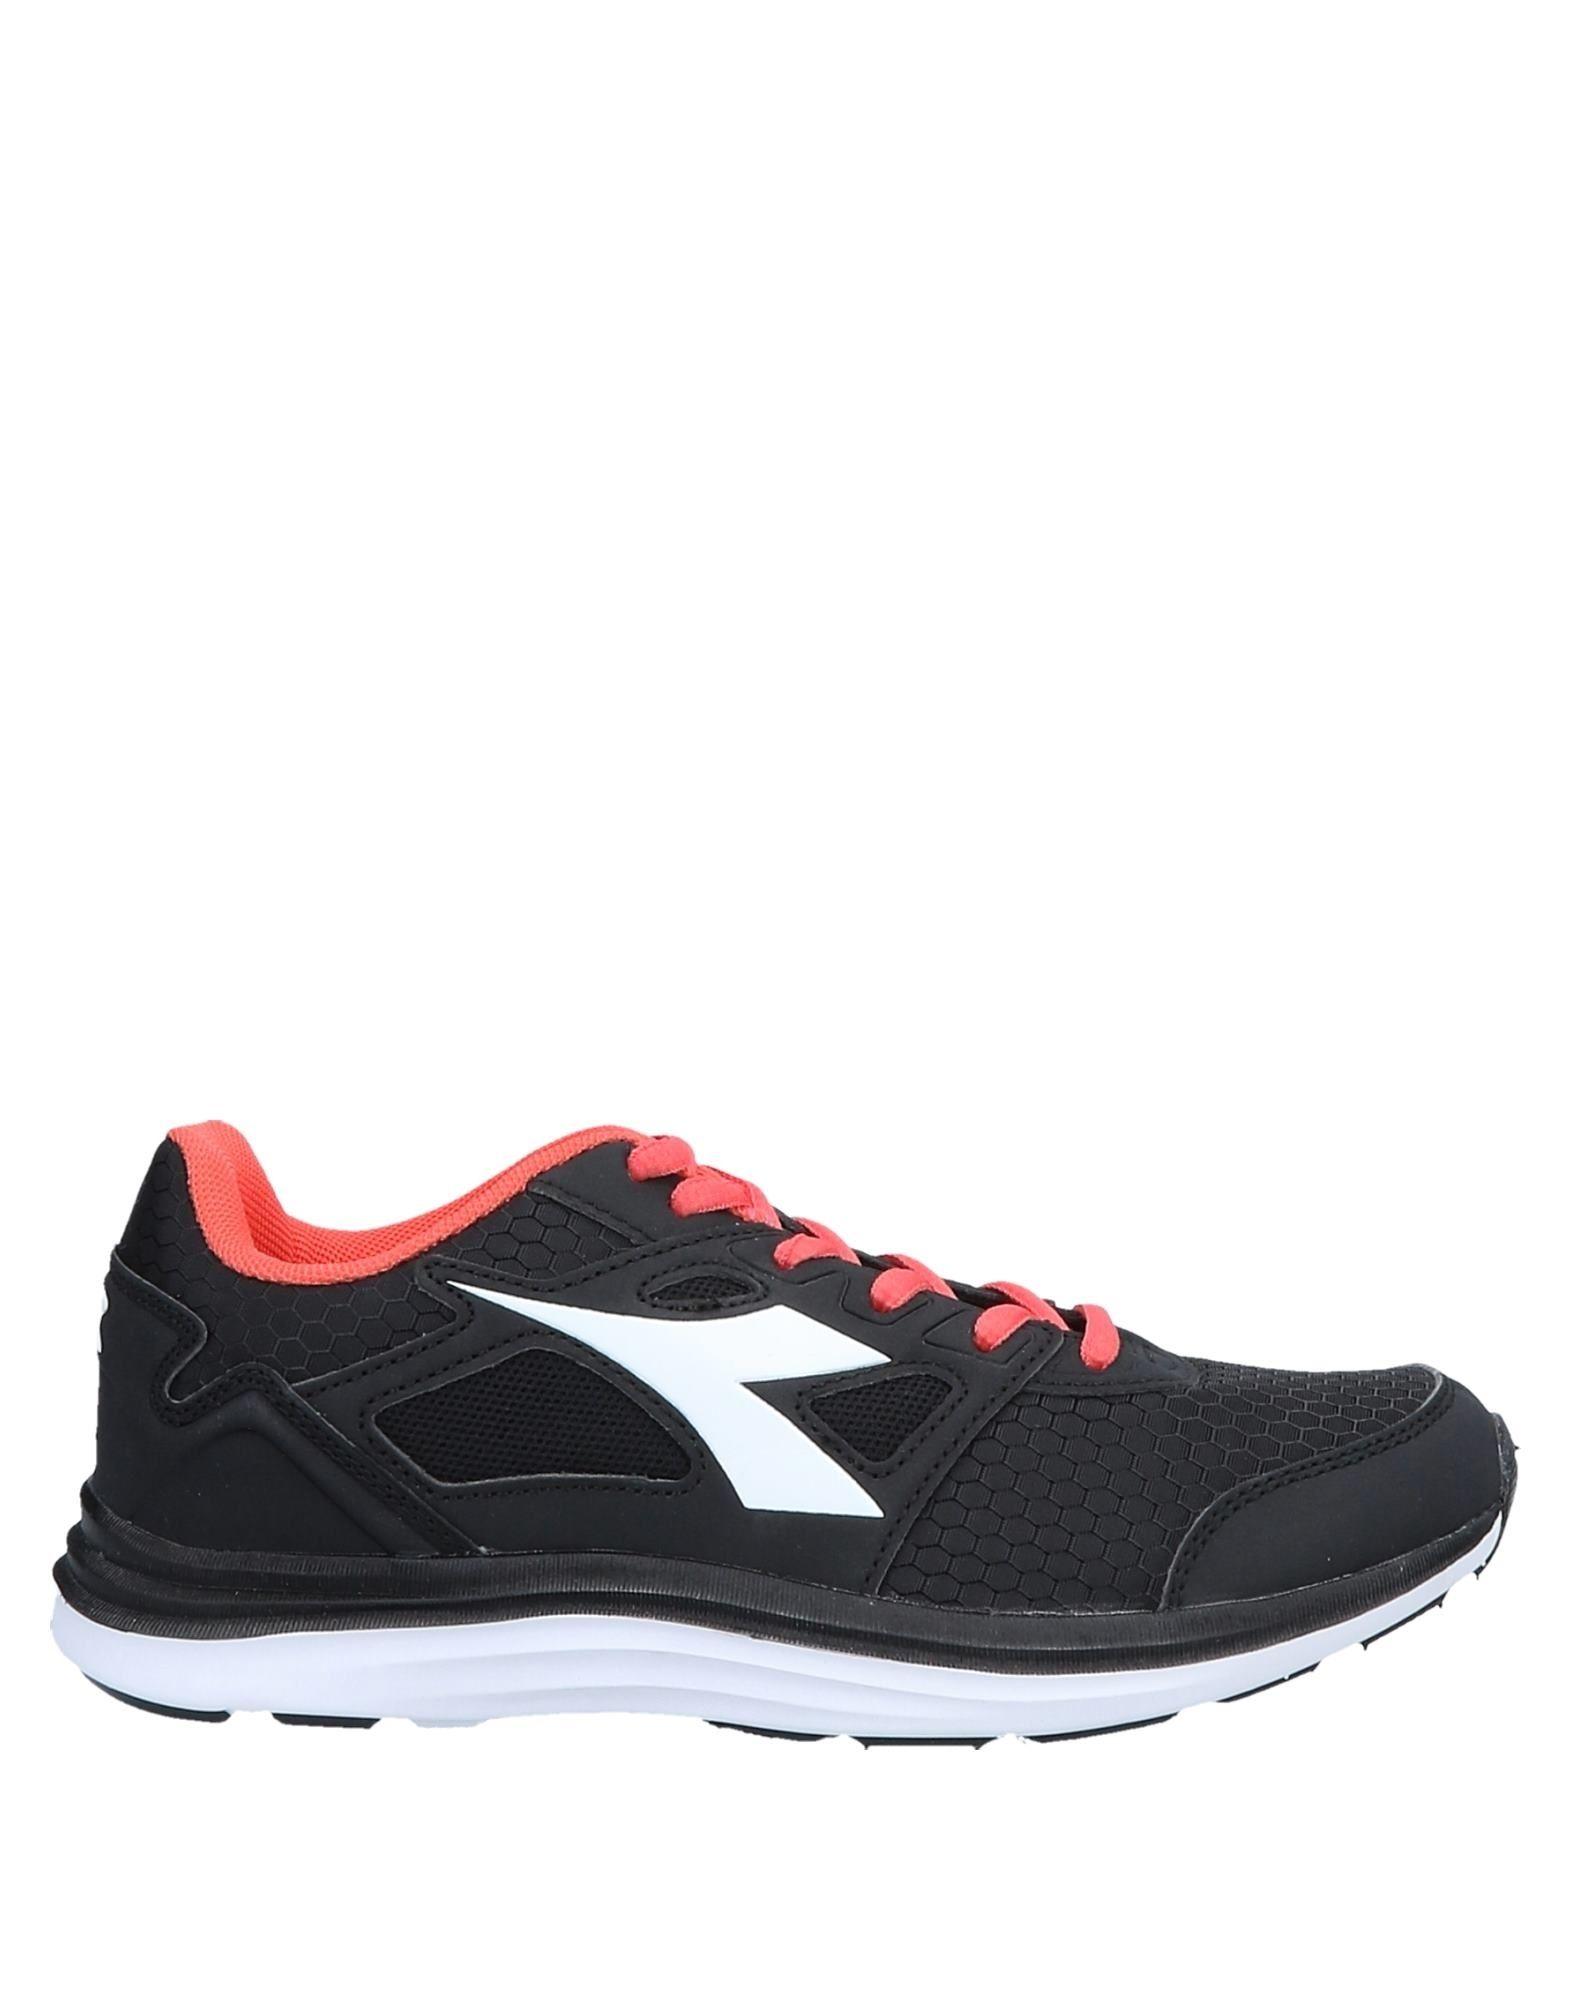 Diadora Sneakers Damen  11570453FB Gute Qualität beliebte Schuhe